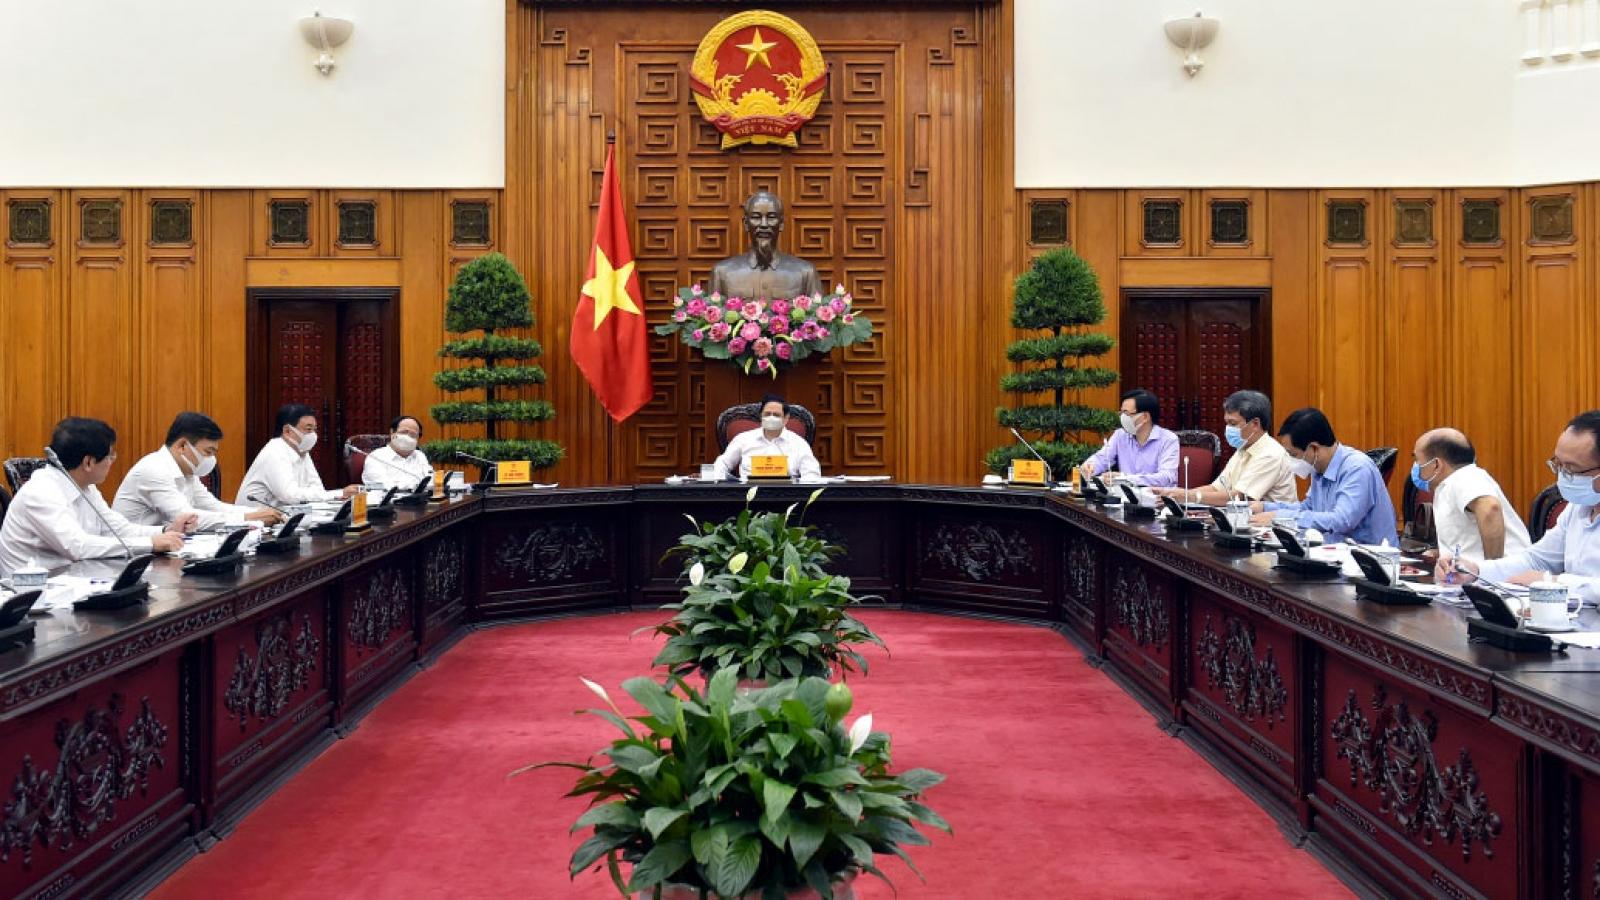 Thủ tướng: Cần xây dựng một Nghị quyết của Chính phủ về hợp tác xã